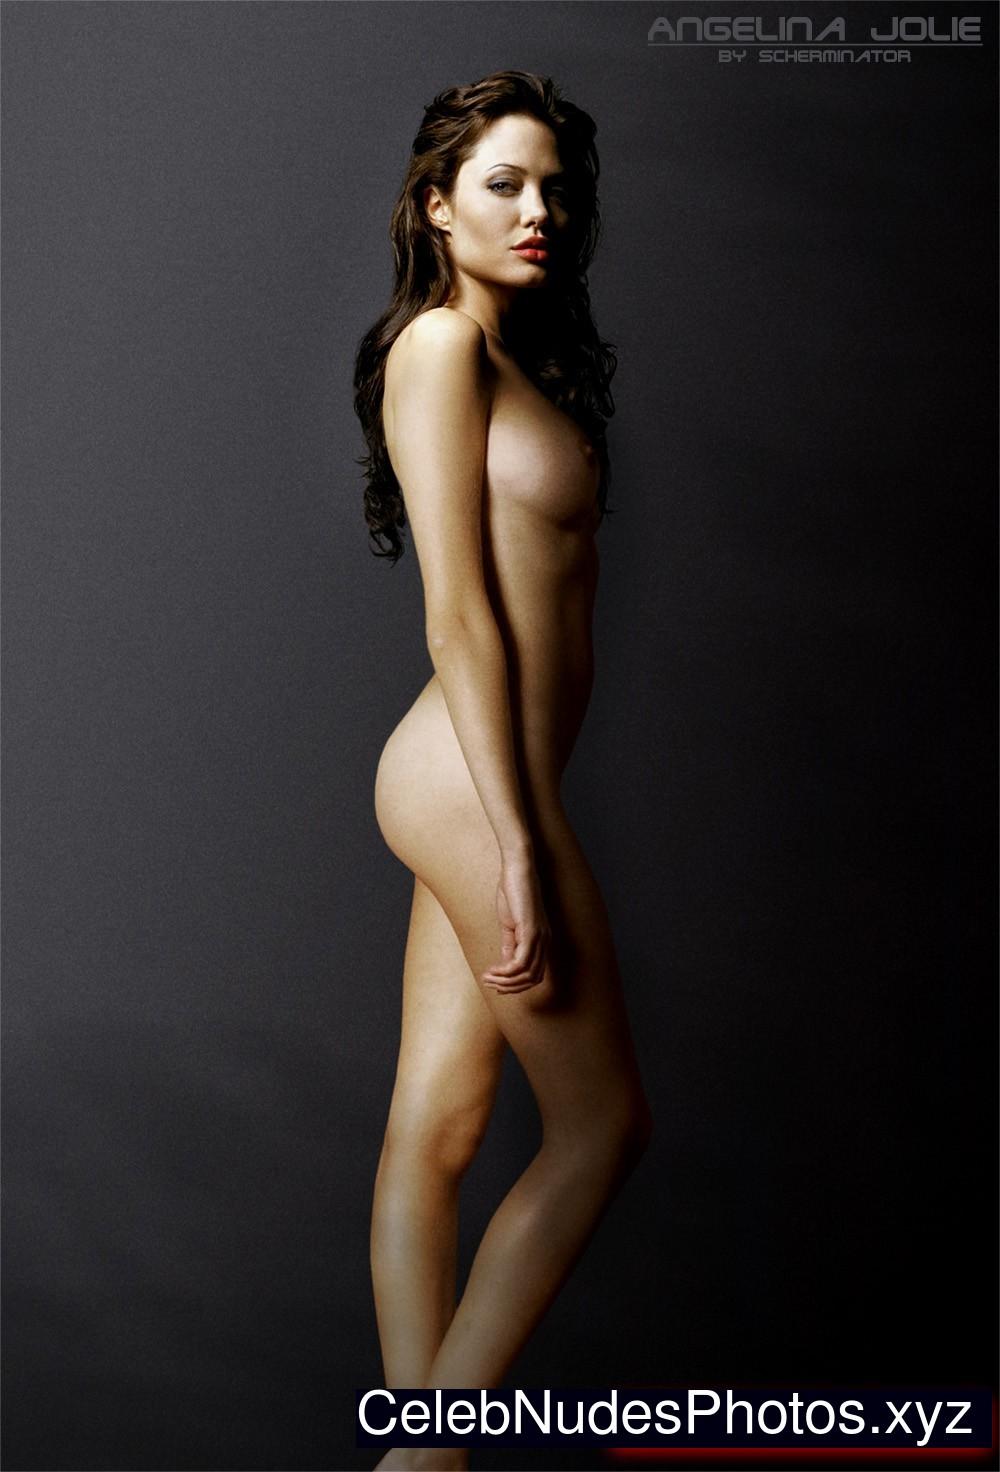 Angelina Jolie Голая Голую анжелину джоли